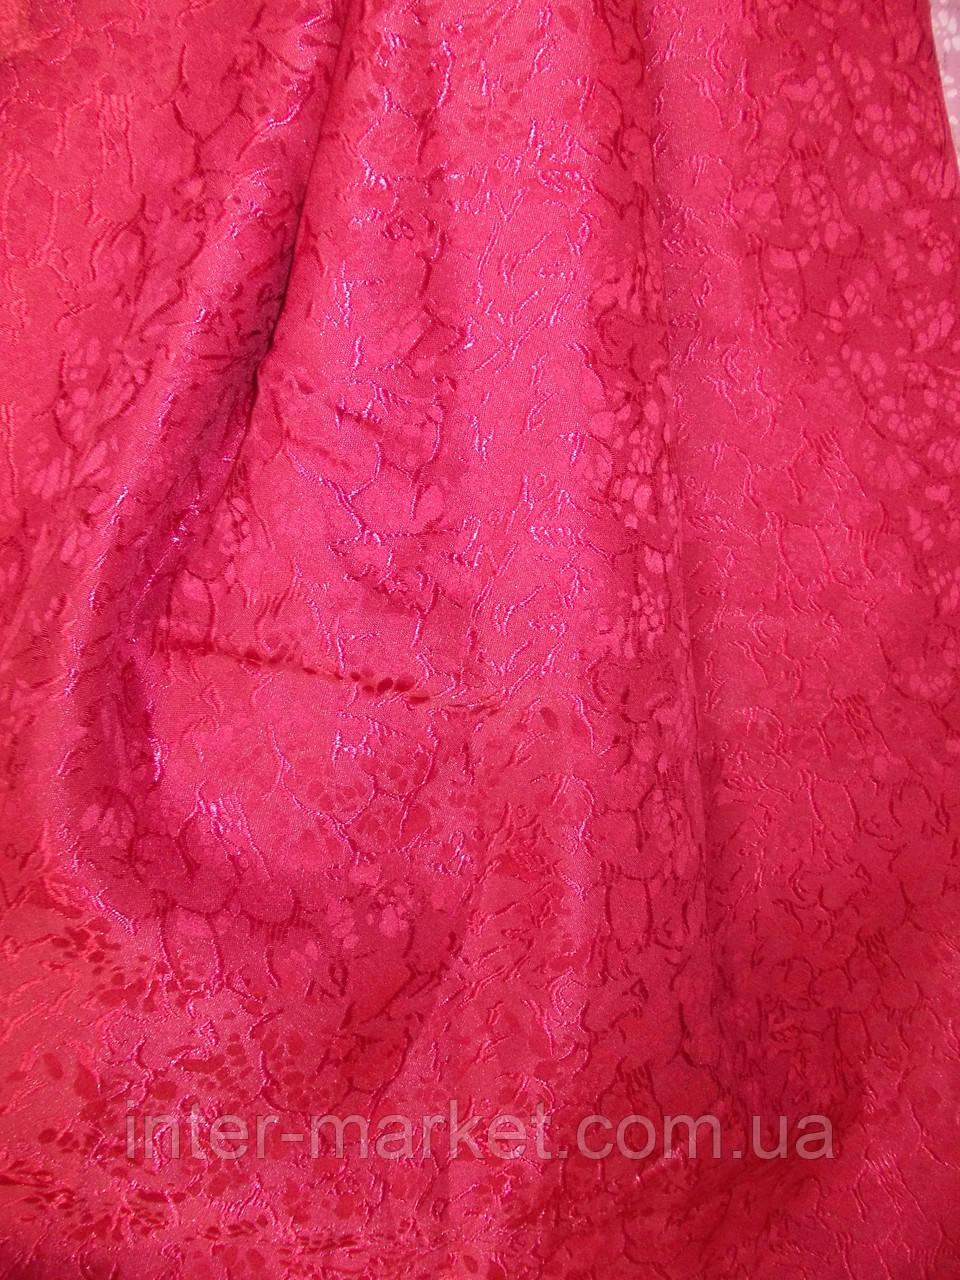 """Шторы """"Абстракция"""", шторная ткань Турция, фото 1"""